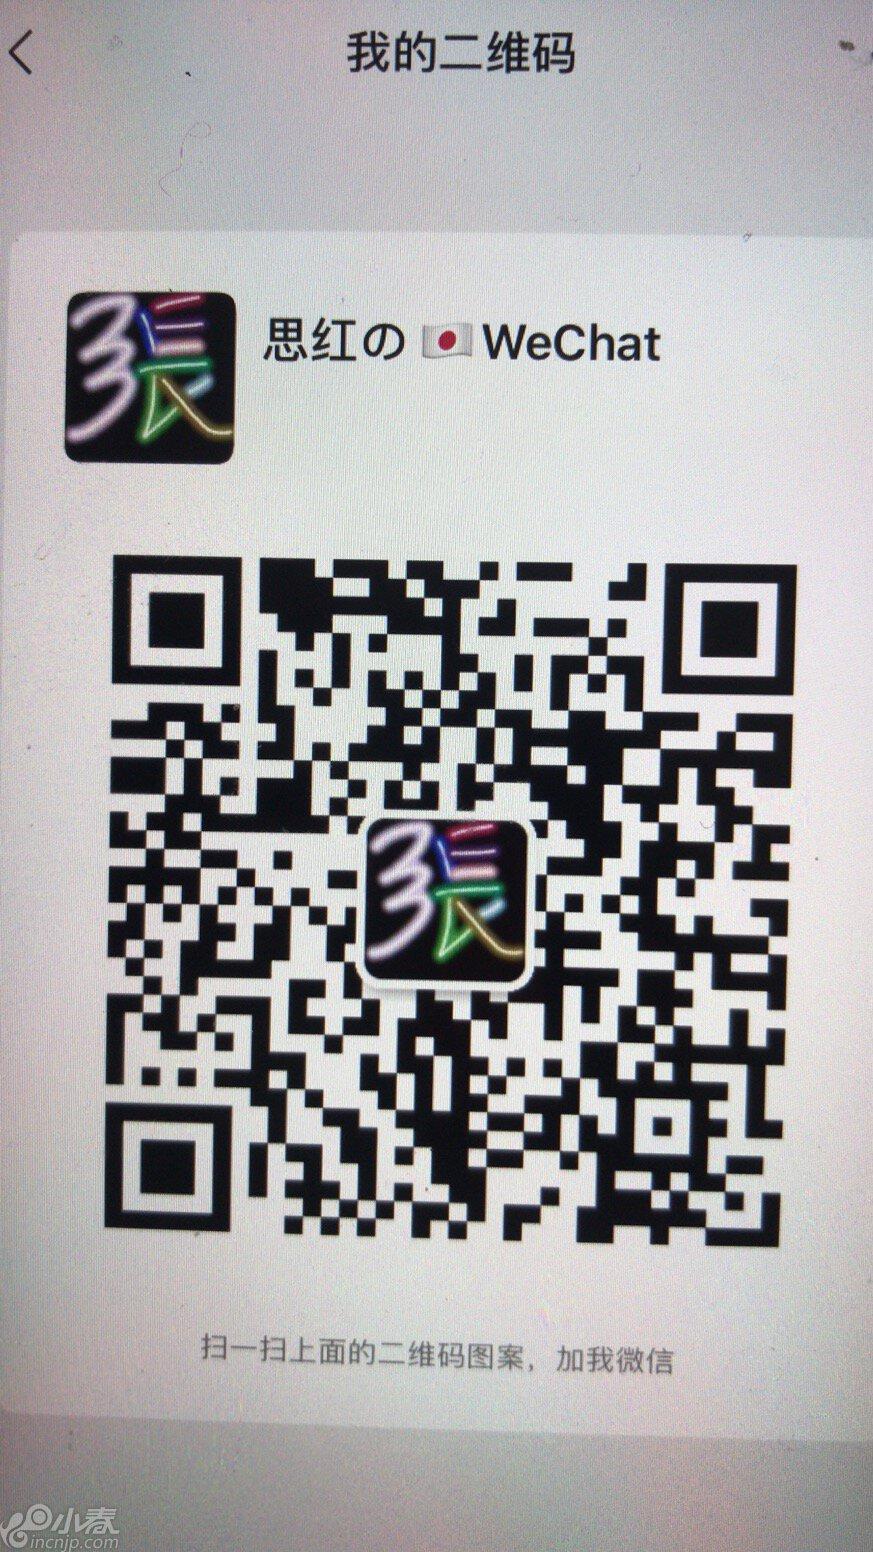 WeChat Image_20200210142739.jpg